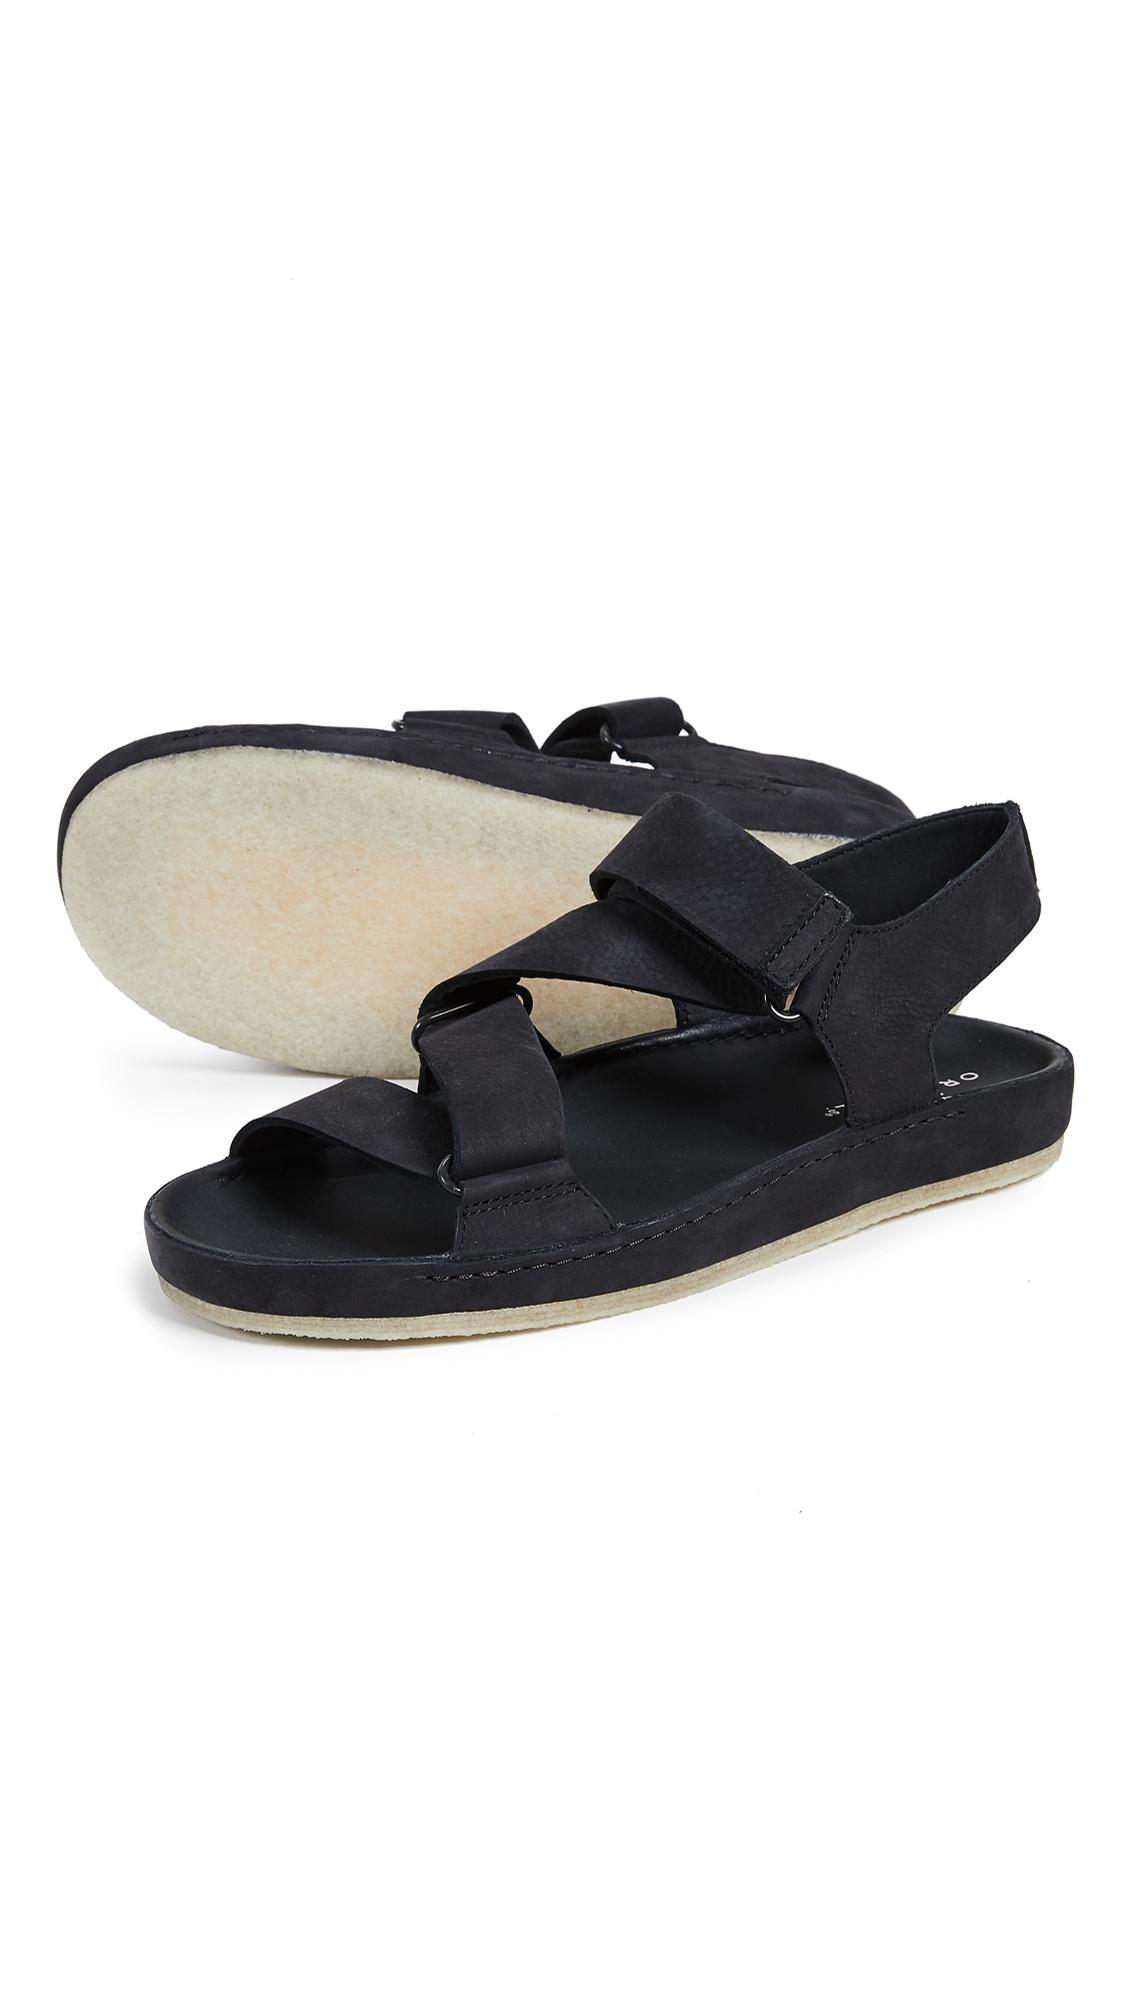 fadf7690e2db Lyst - Clarks Ranger Sandals in Black for Men